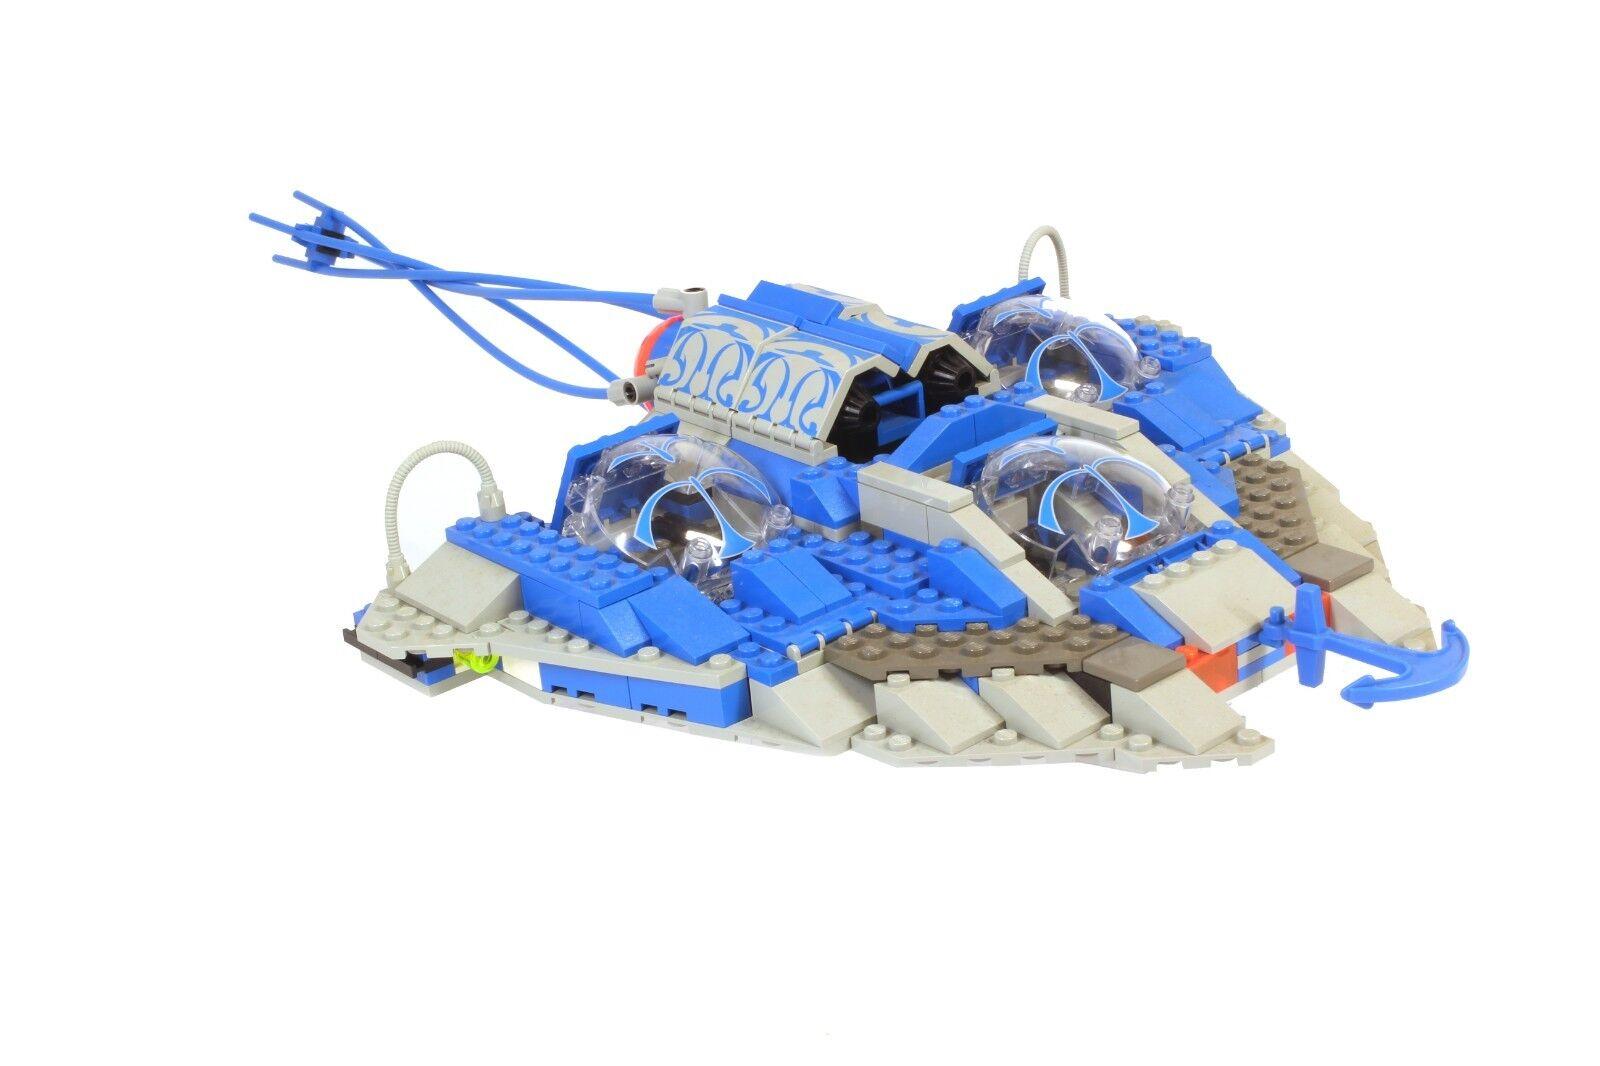 Lego Lego Lego 7161 Star Wars Gungan Void efcc45